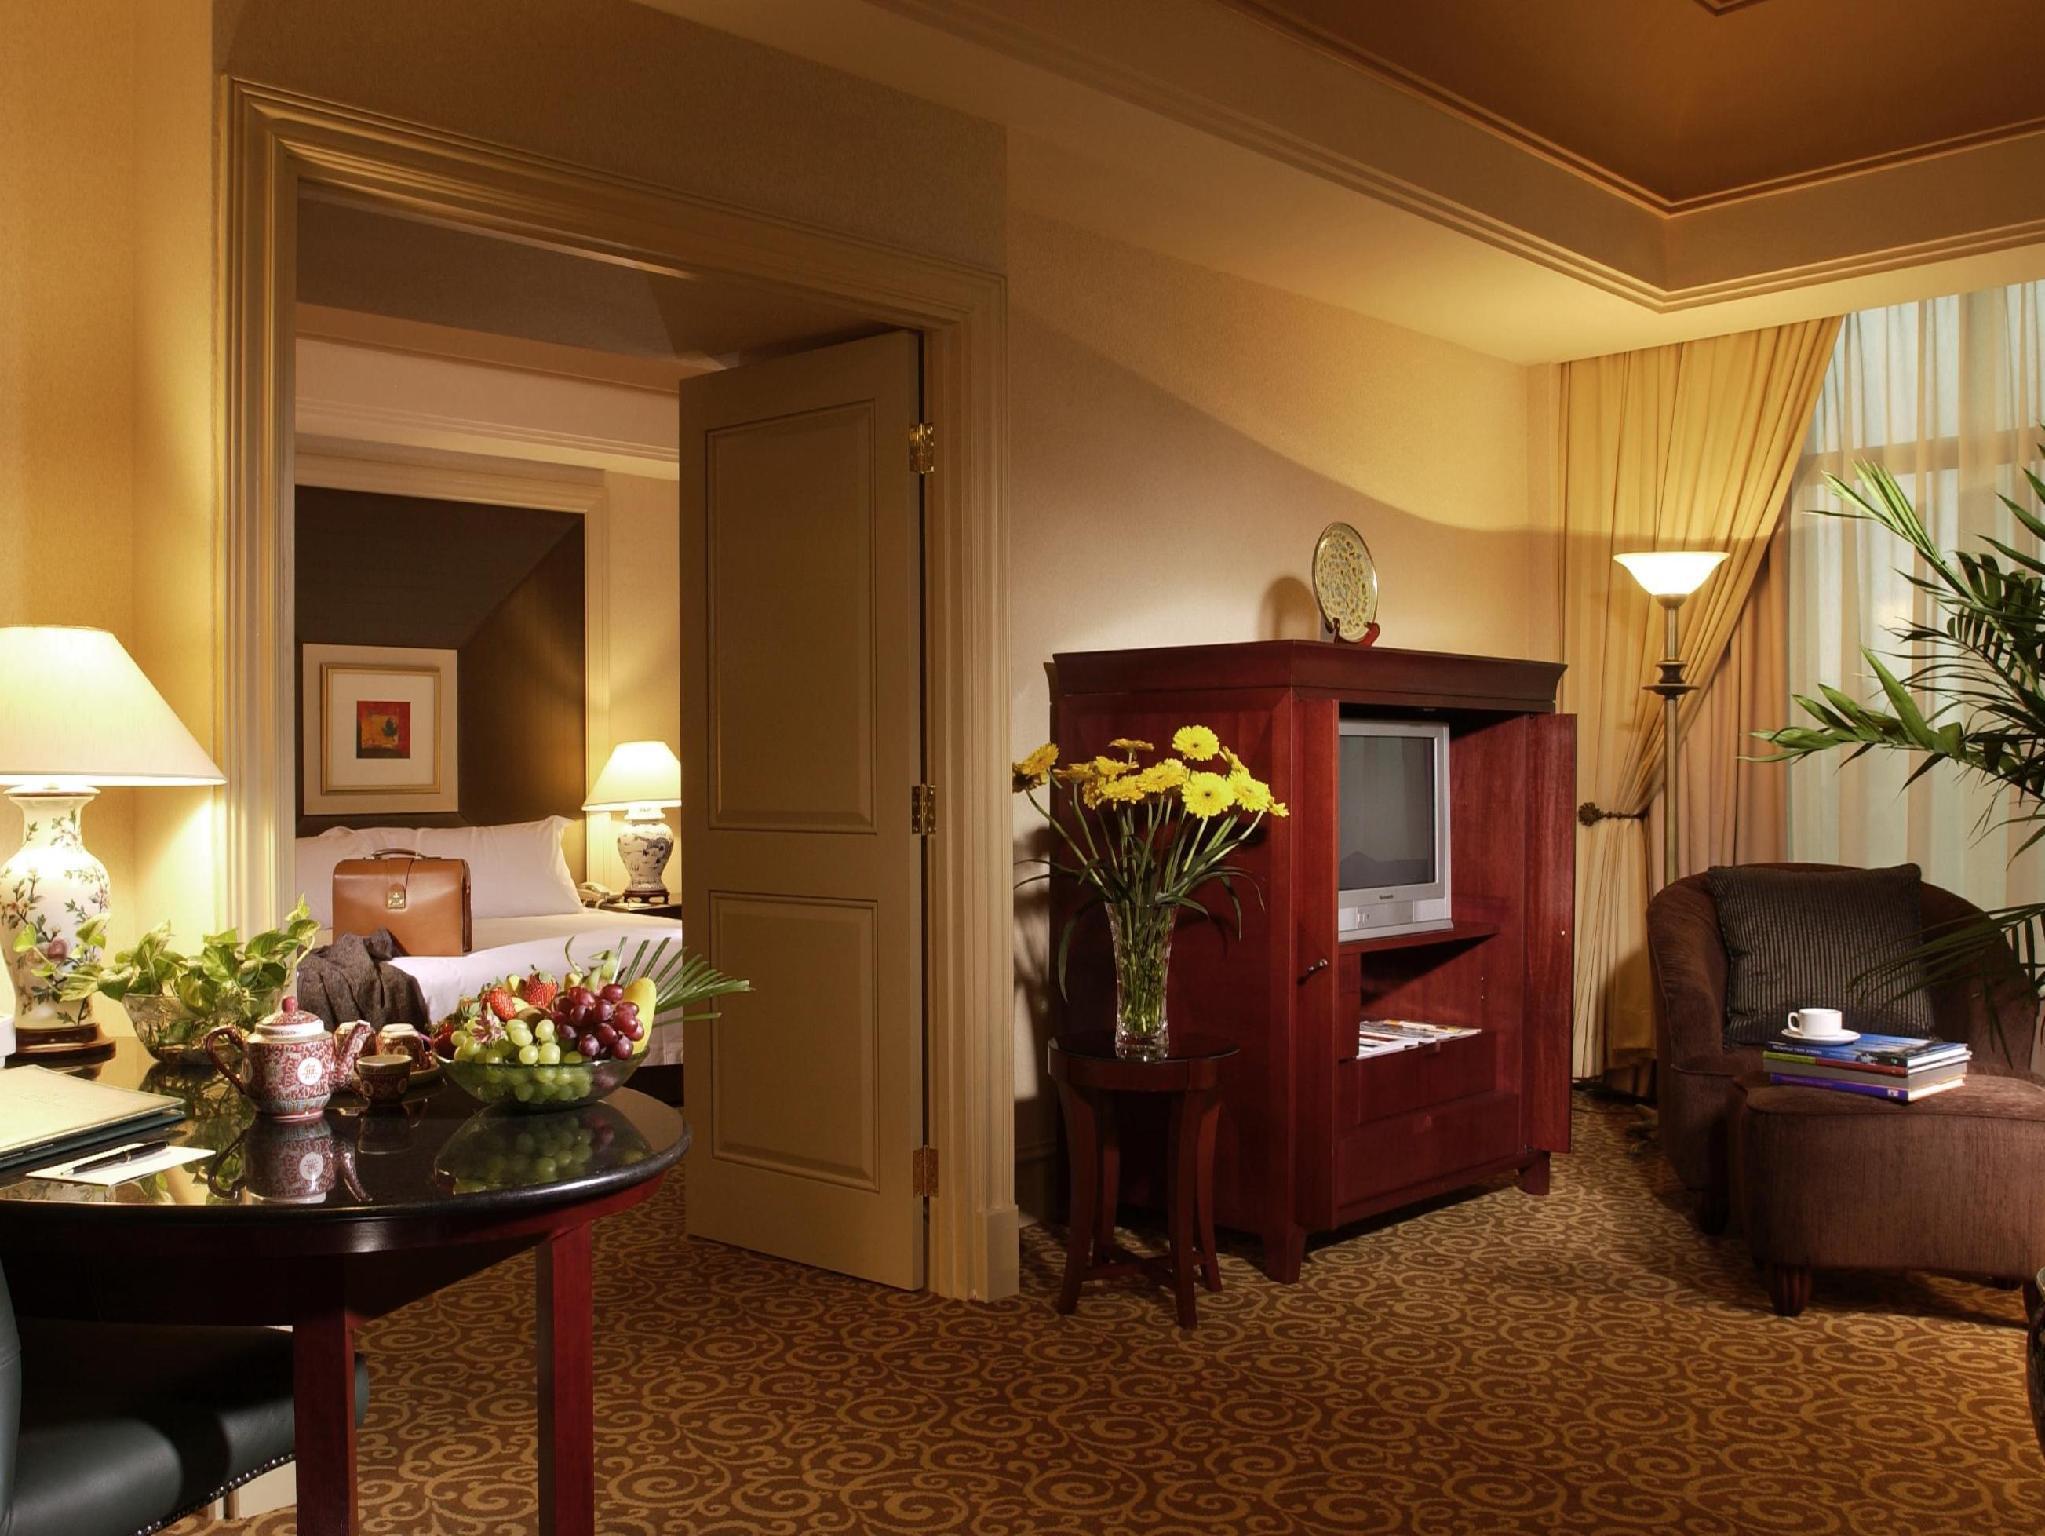 [马来西亚吉隆坡住宿]吉隆坡jw万豪大酒店